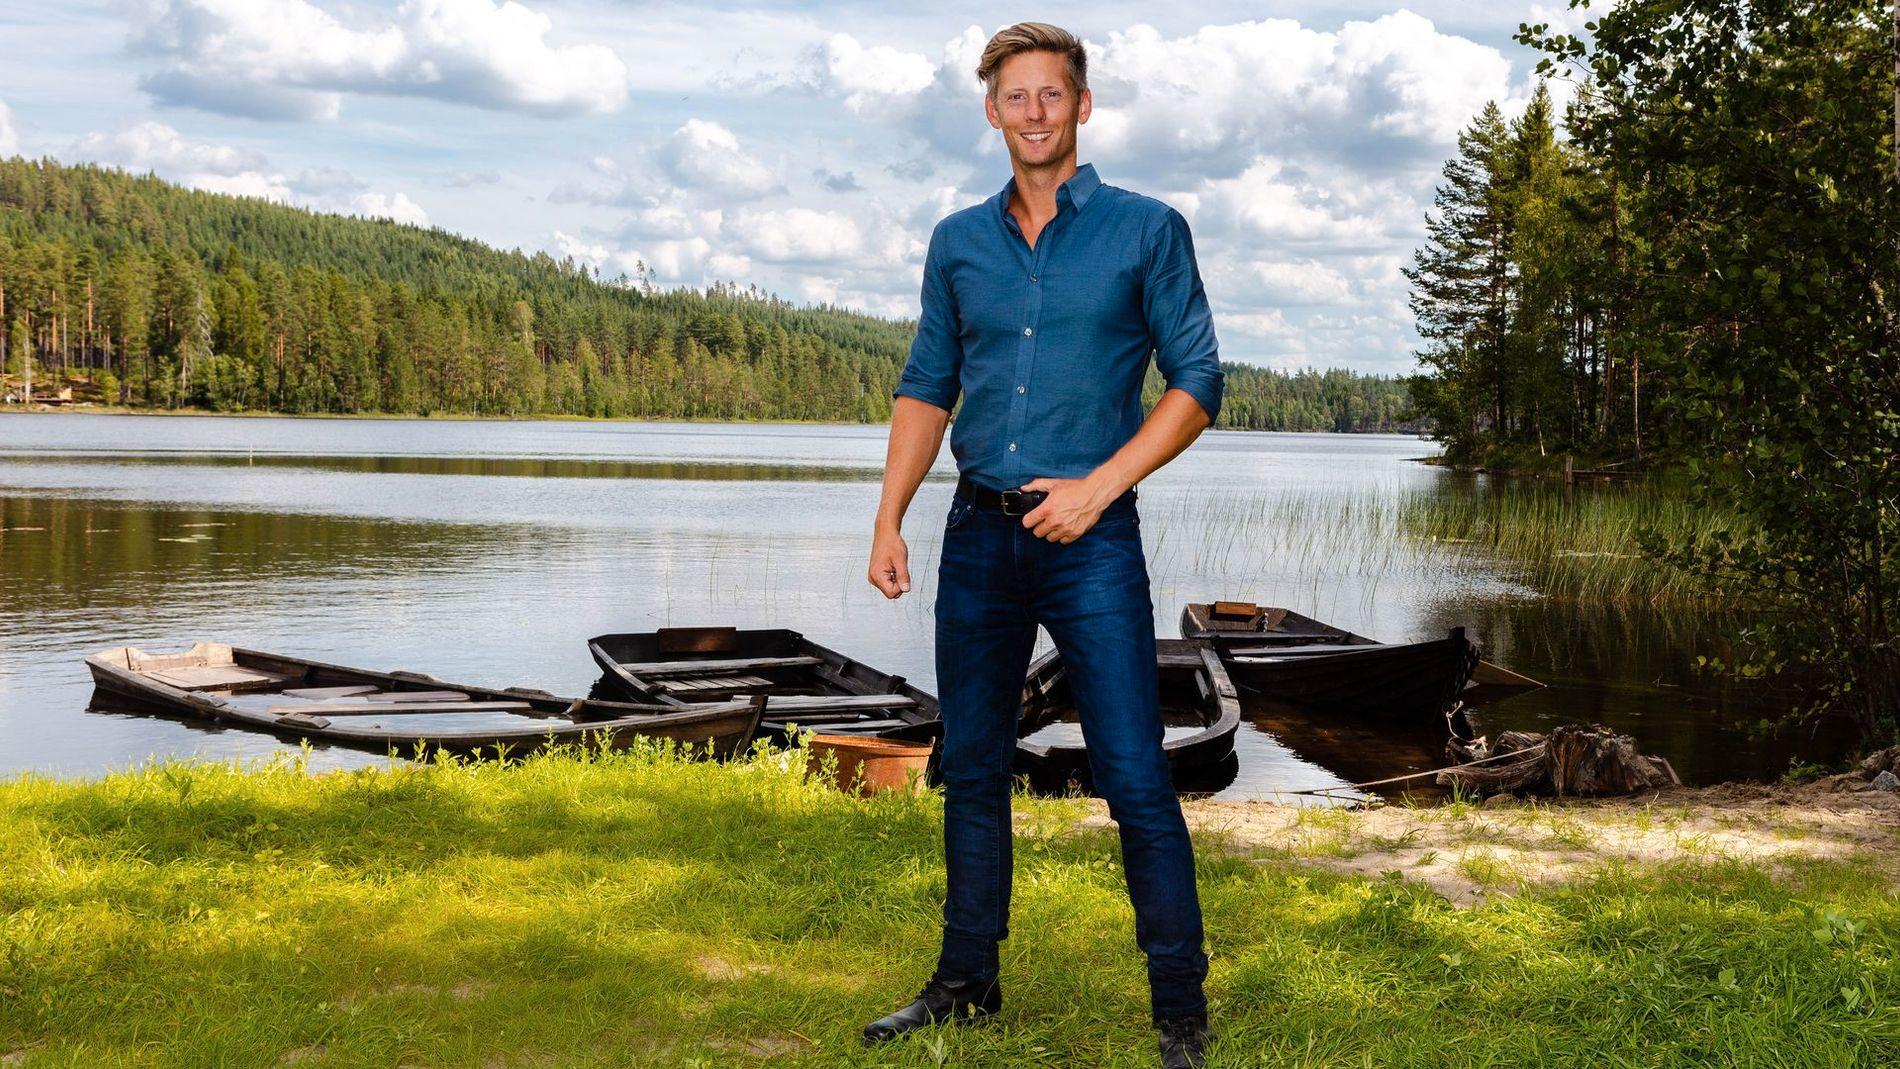 MISTER SEERE: Gaute Grøtta Grav og «Farmen» mistet over 100.000 seere fra tirsdag til søndag.